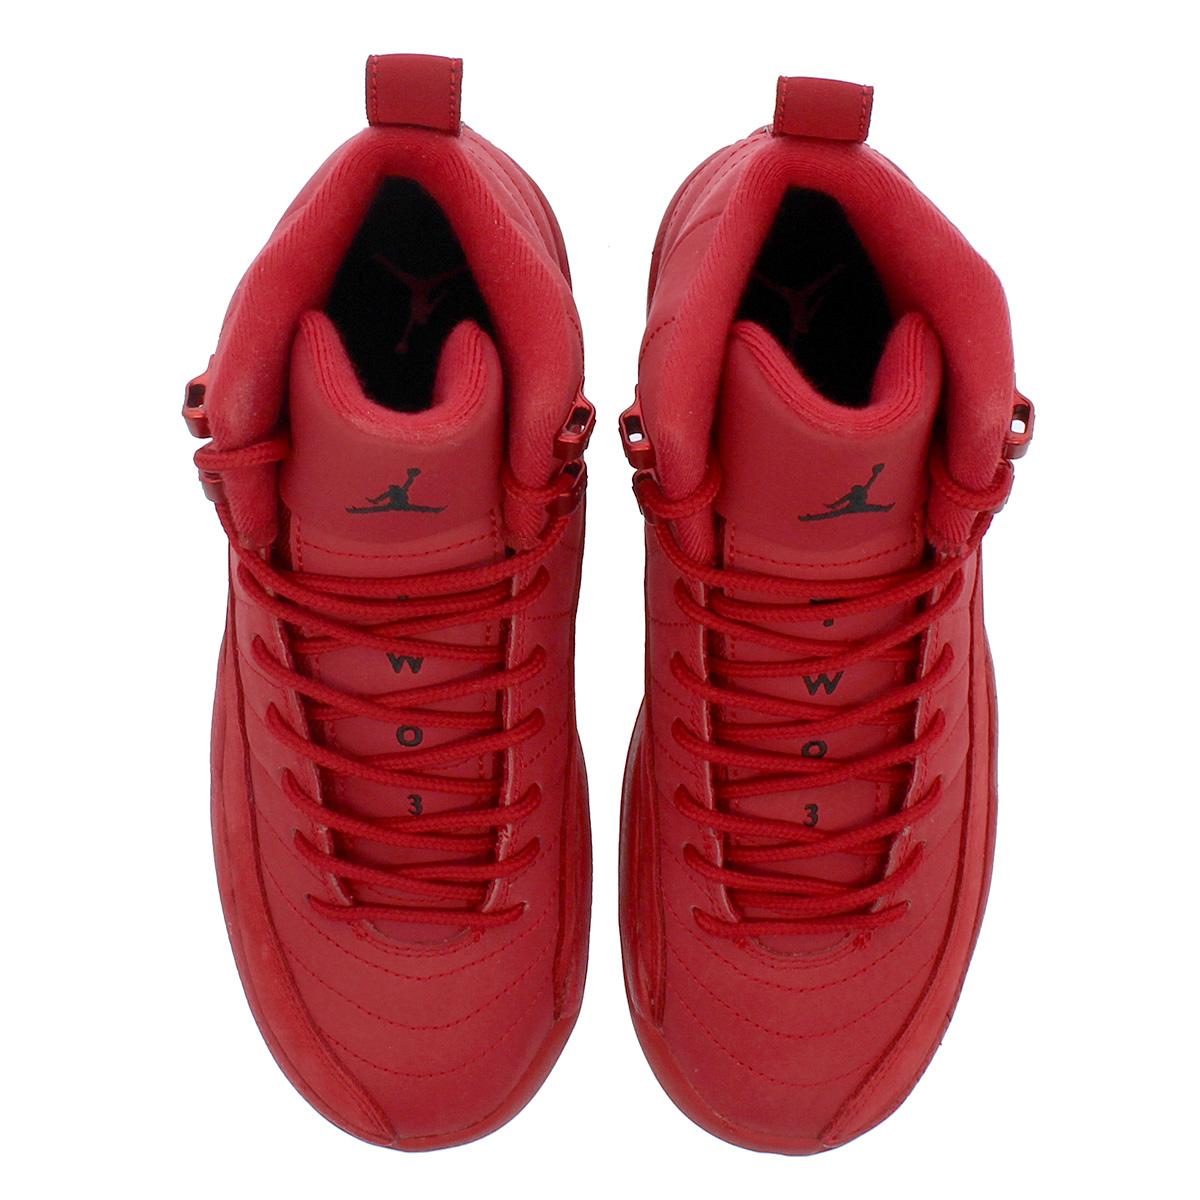 quality design 84aff c409a NIKE AIR JORDAN 12 RETRO GS Nike Air Jordan 12 nostalgic GS GYM RED BLACK  153,265-601